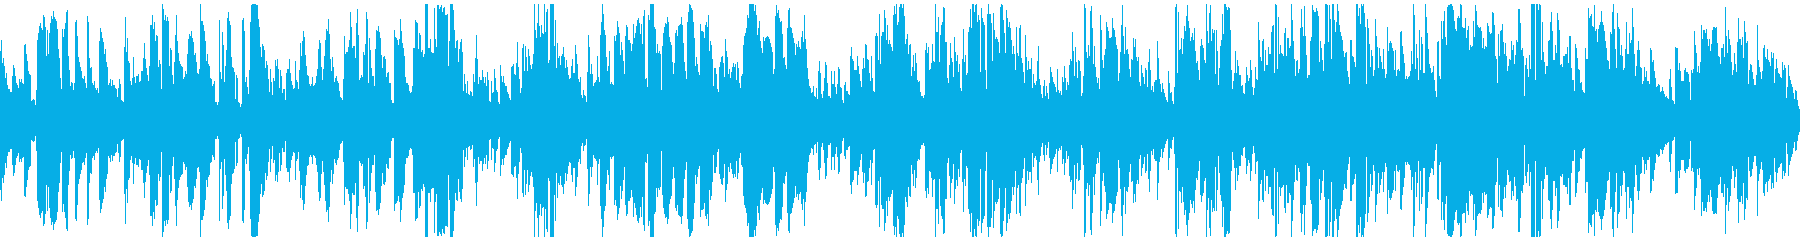 すごく渋いジャズバラード ※ループ仕様版の再生済みの波形